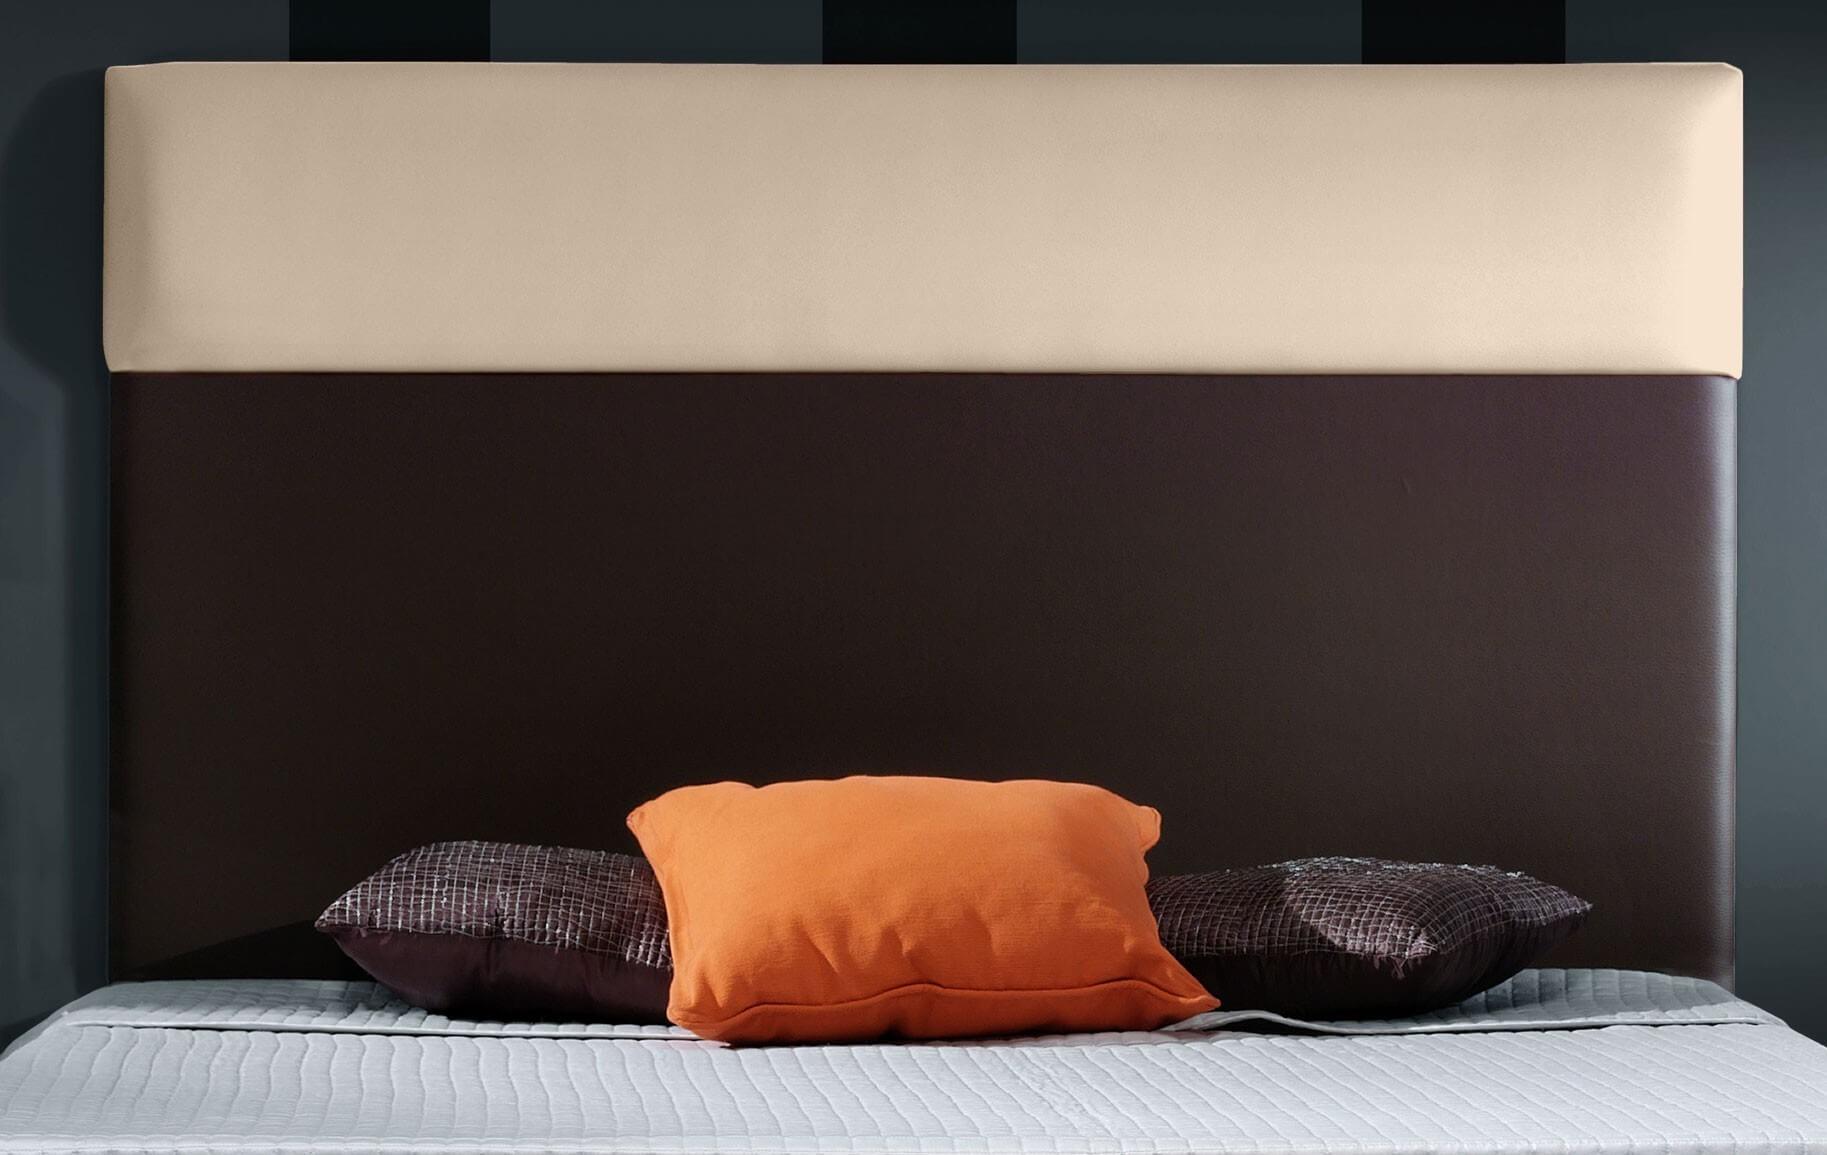 Cabecero económico Eco - Diseño sencillo | Bedland